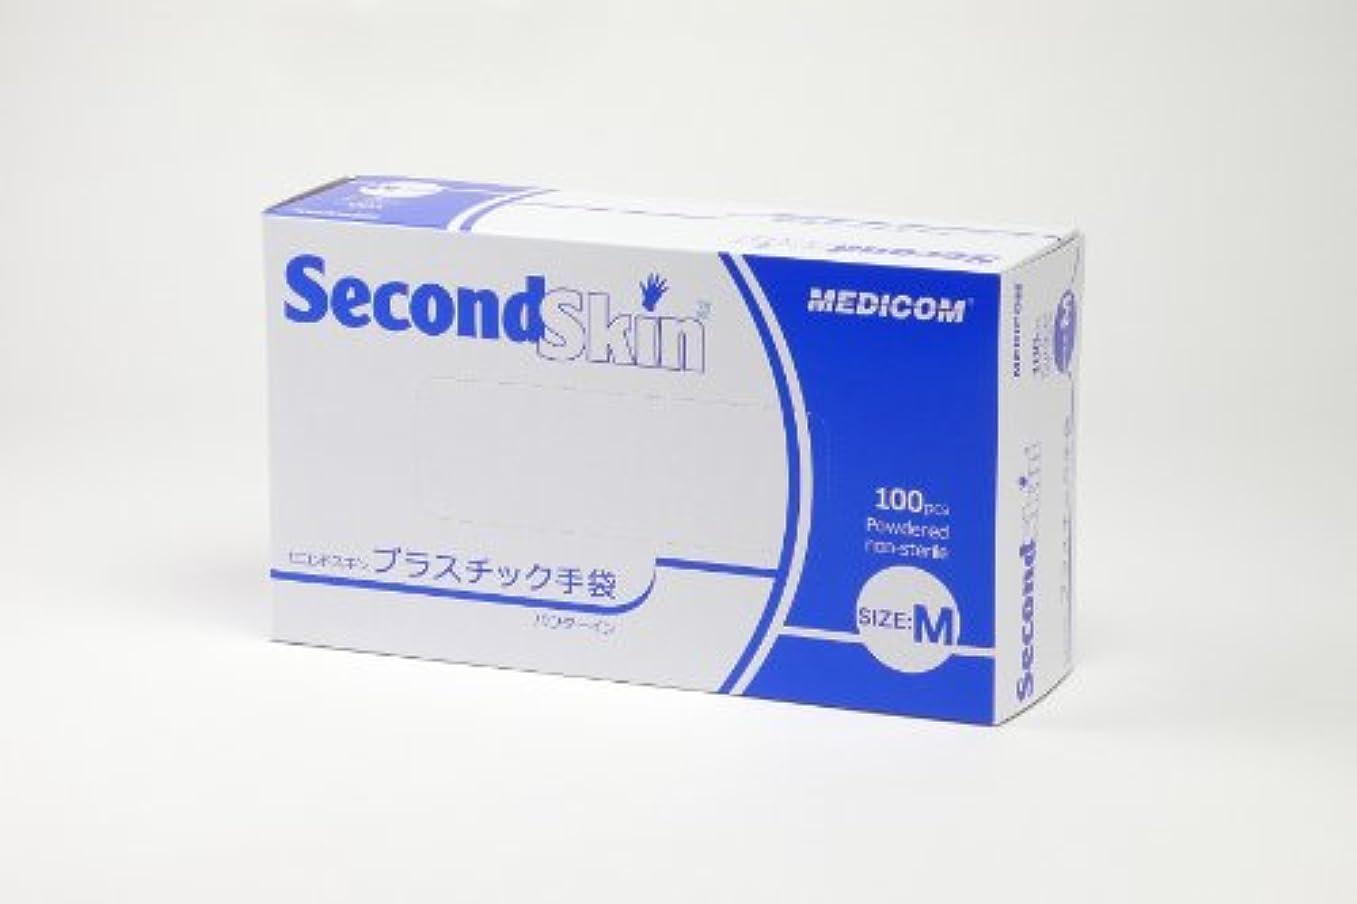 集団的バタフライ事故セコンドスキン プラスチック手袋 Mサイズ 100枚入